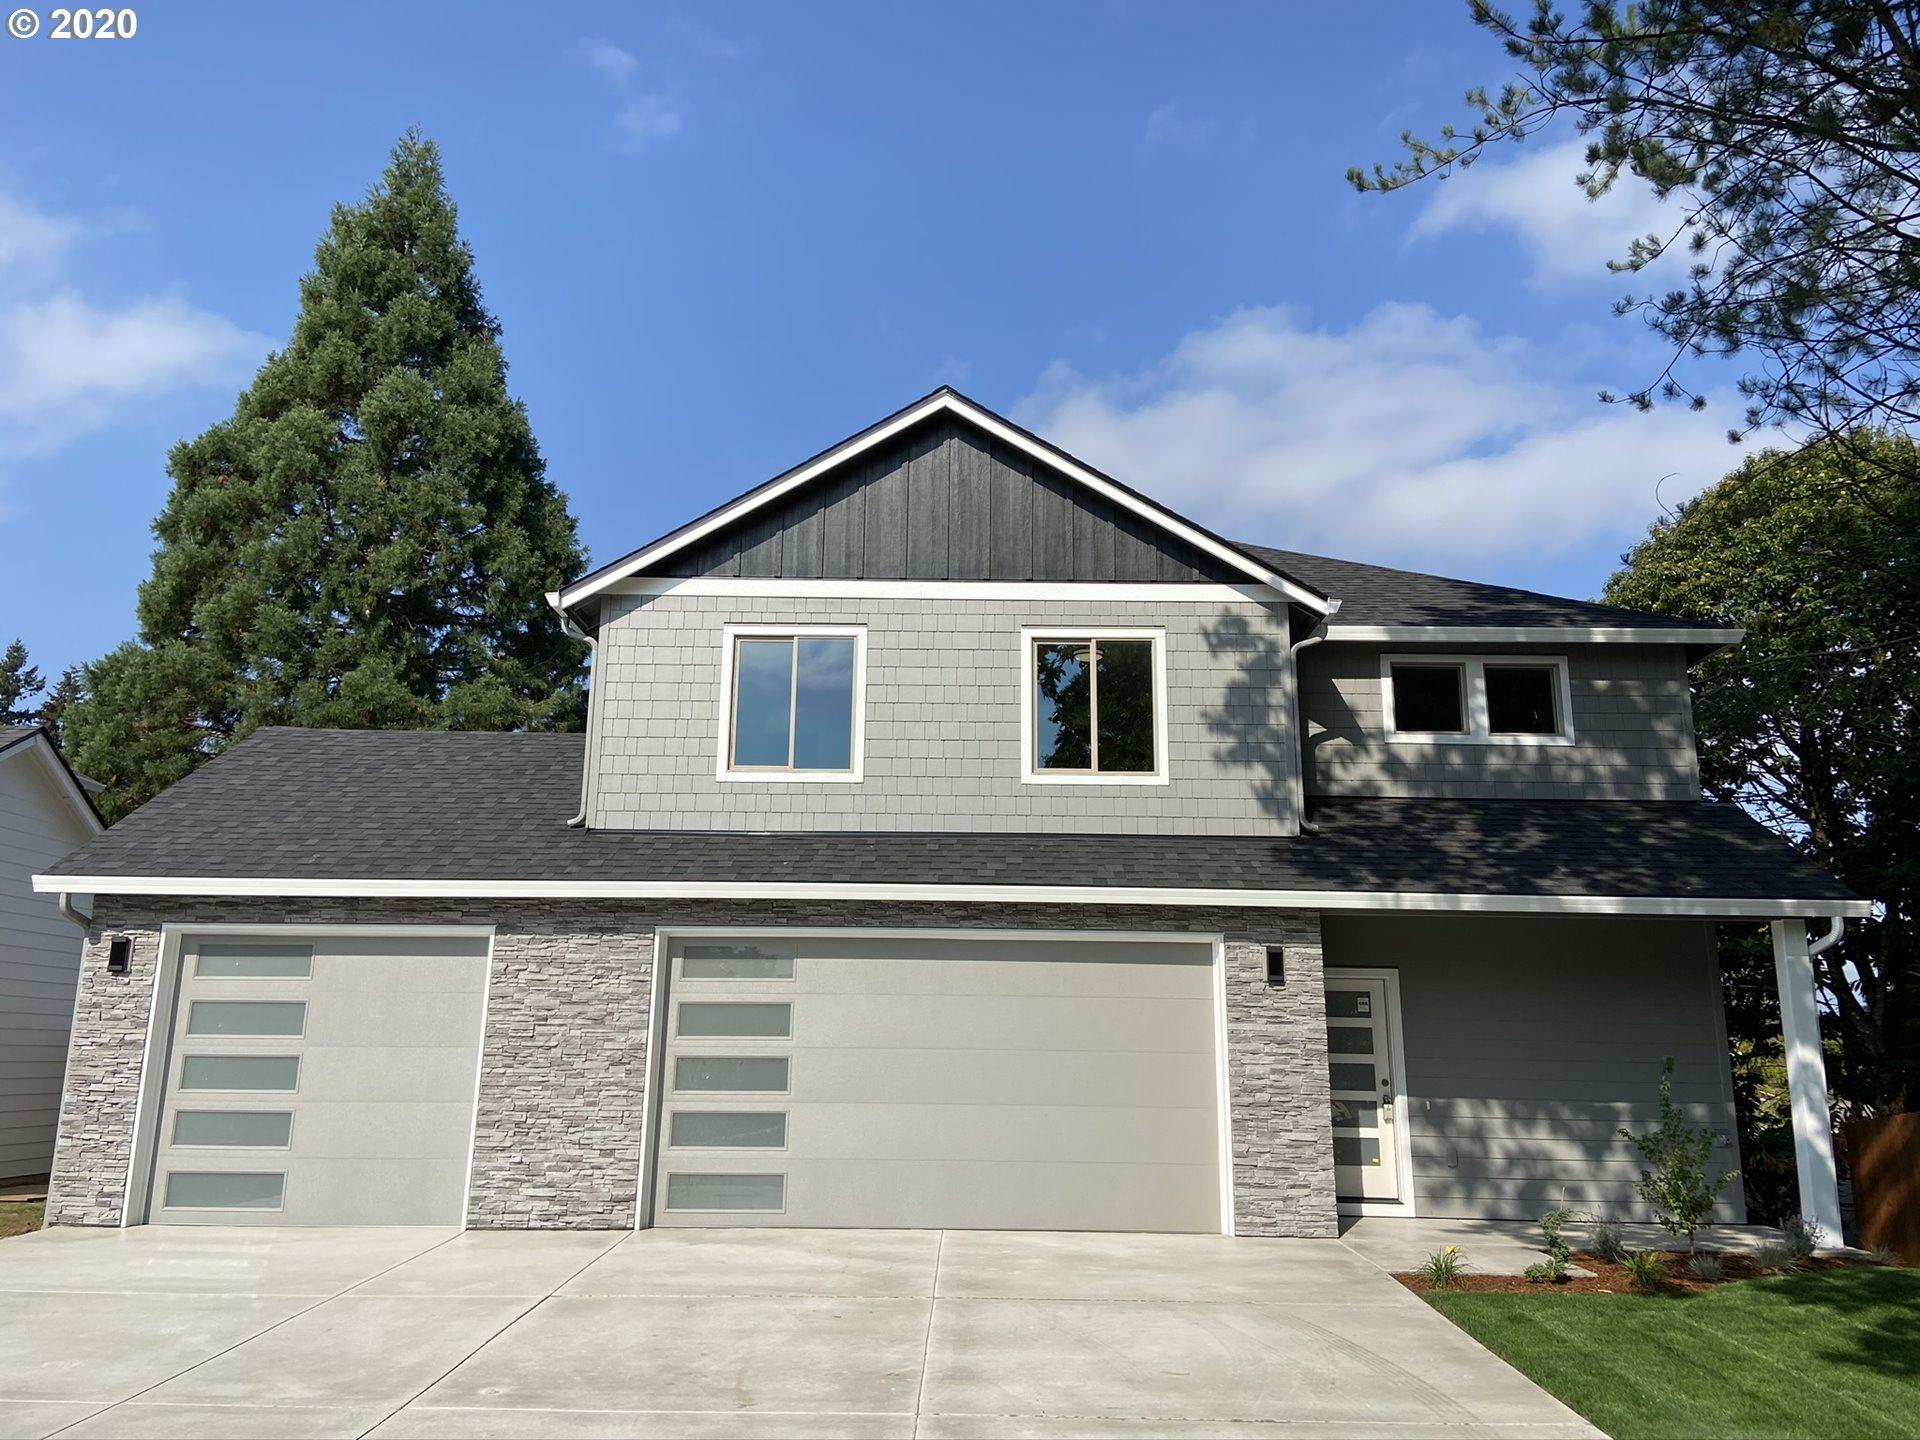 5306 NE 48TH ST, Vancouver, WA 98661 - MLS#: 20333510